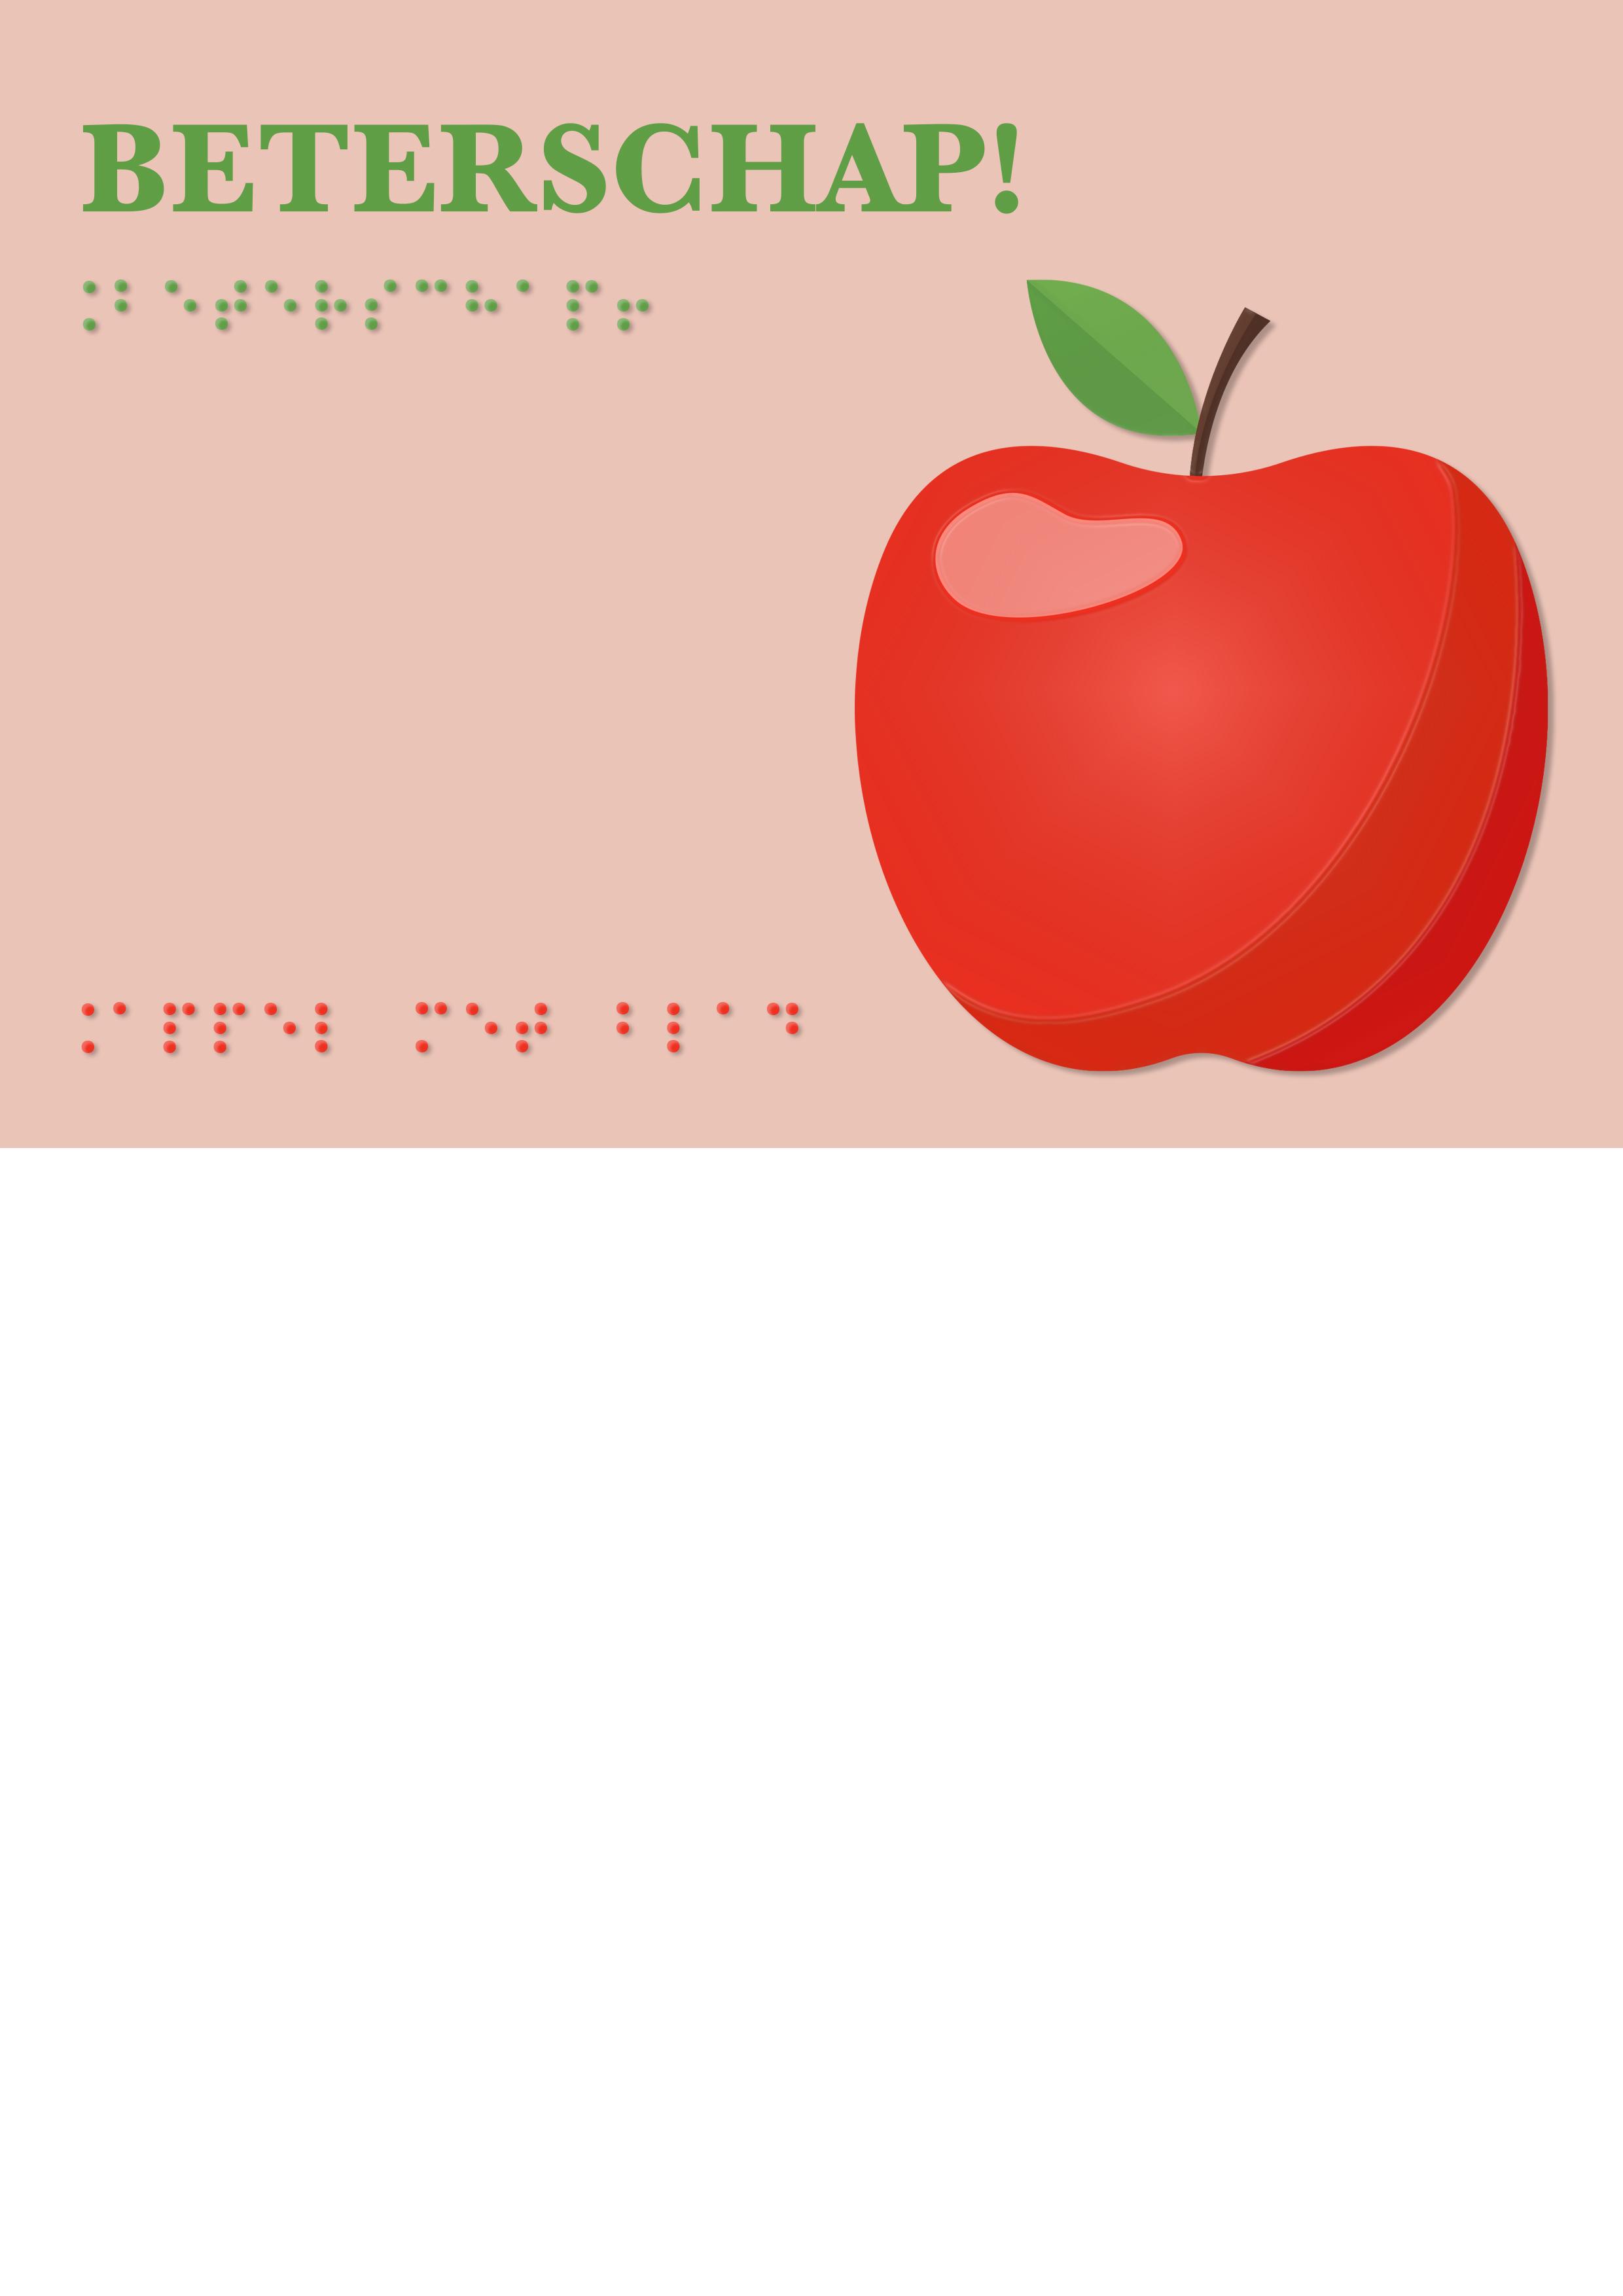 Voelbare wenskaart met braille en reliëf. In braille de tekst: Beterschap! Met full color voelbare afbeelding van een appel.